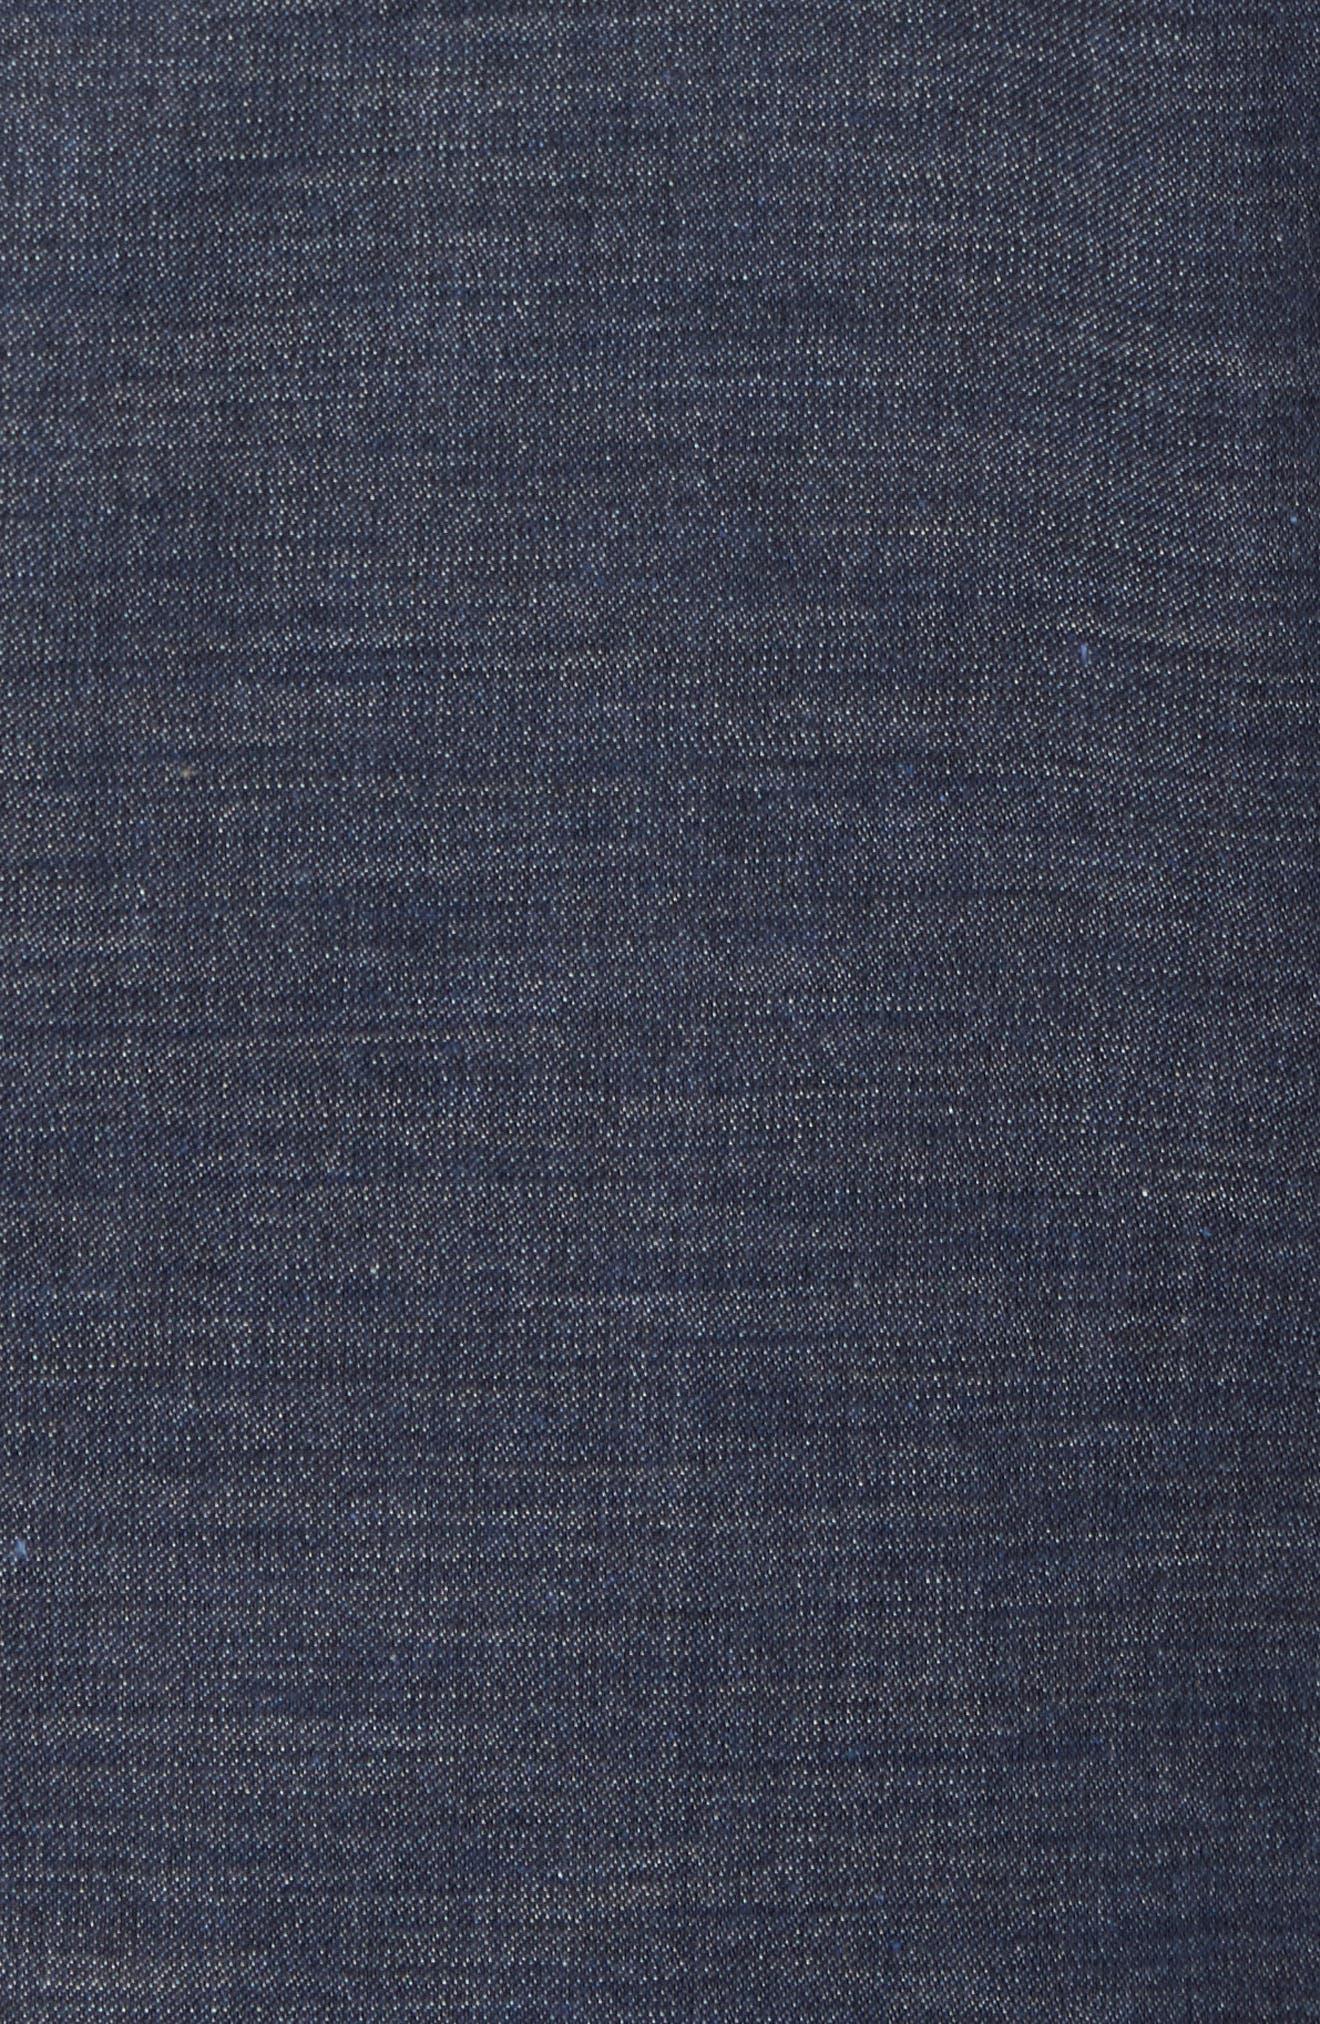 Kyle Trim Fit Wool & Cotton Blazer,                             Alternate thumbnail 6, color,                             400